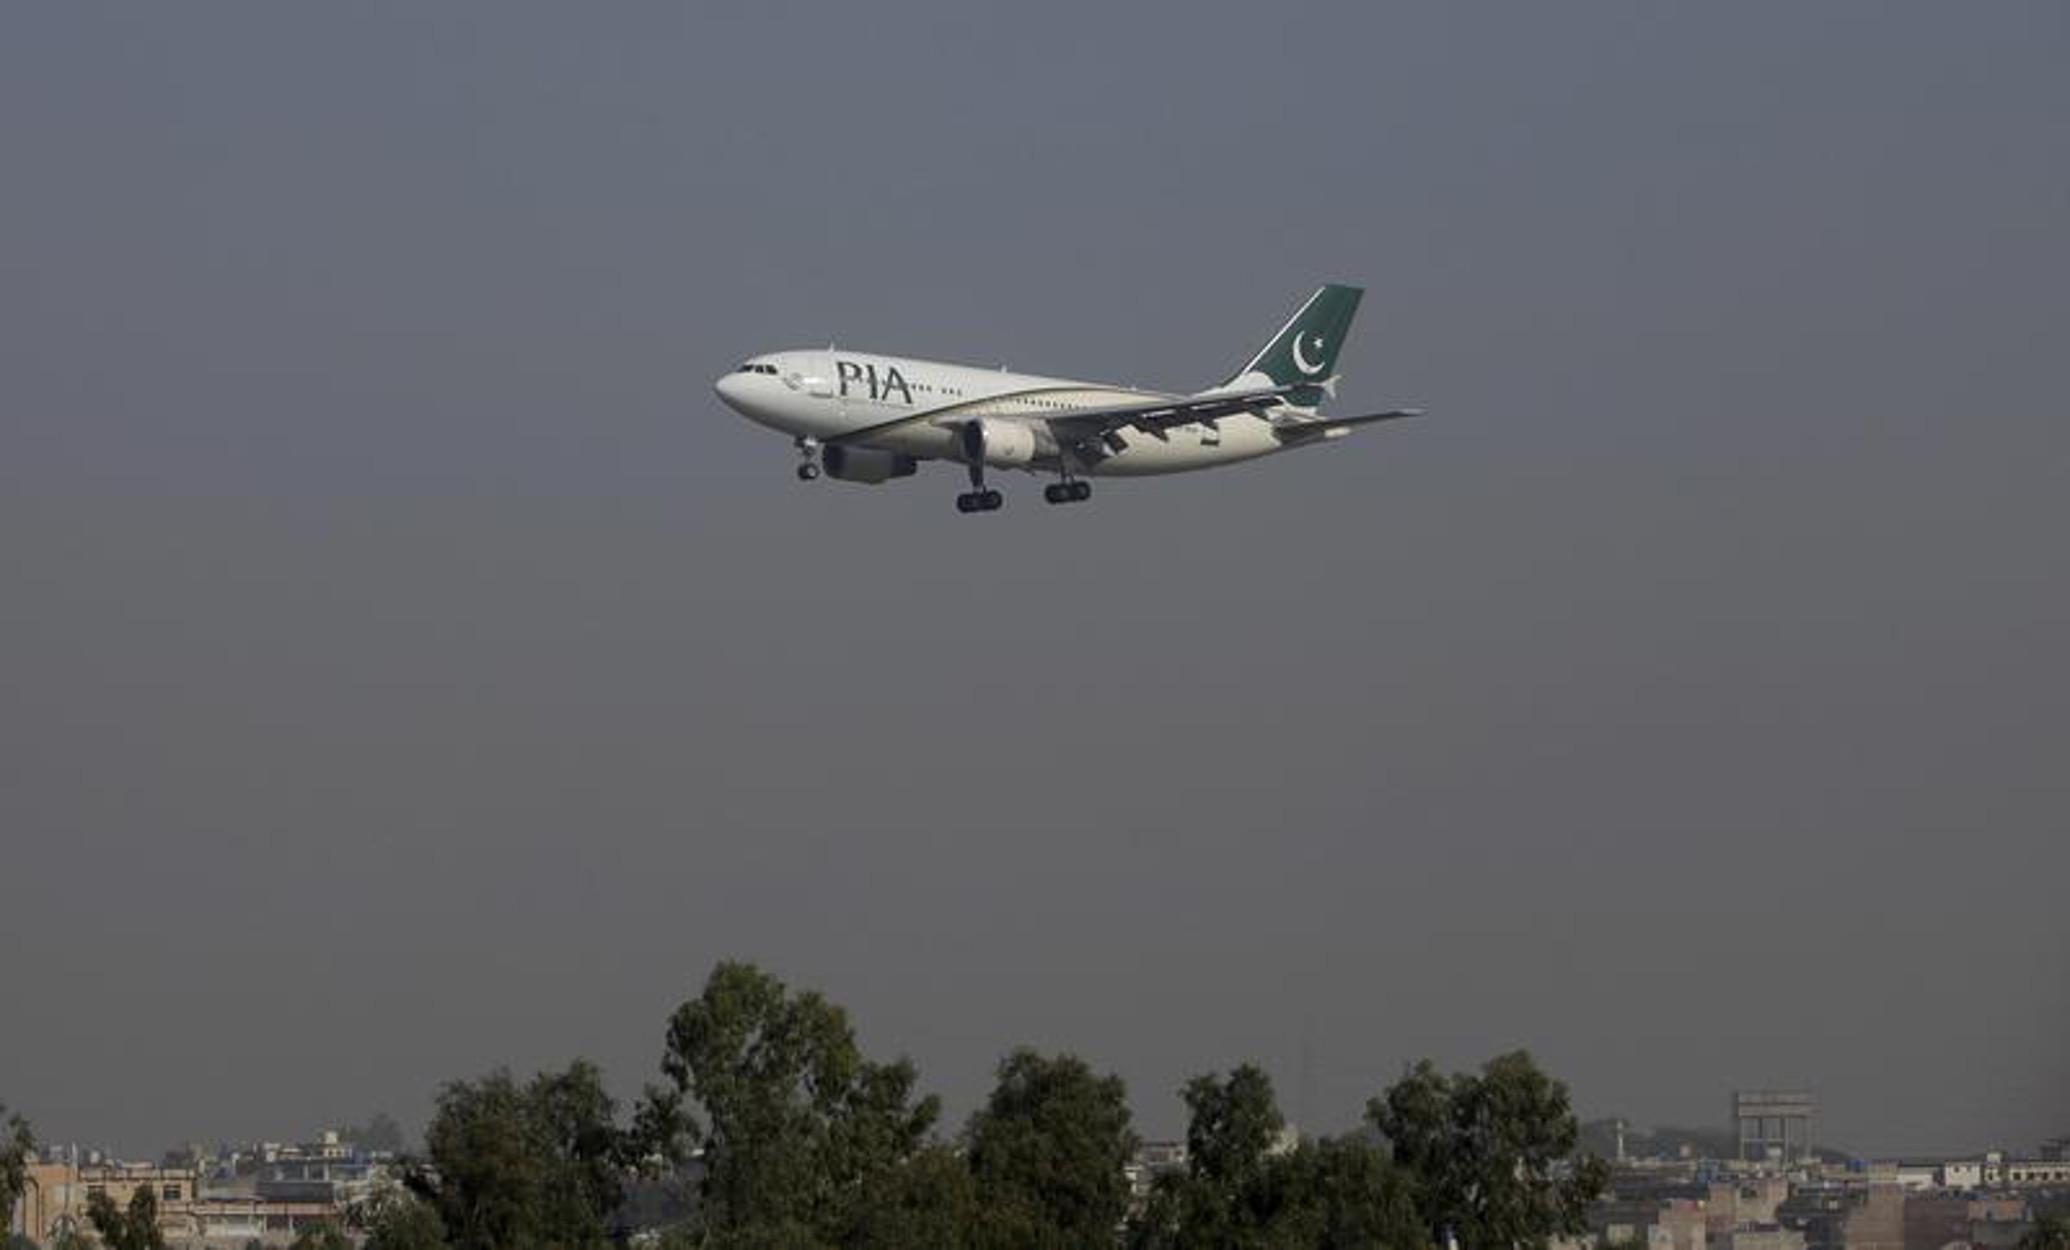 Αφγανιστάν: Προσγειώθηκε στην Καμπούλ η πρώτη διεθνής πτήση μετά την επιστροφή των Ταλιμπάν